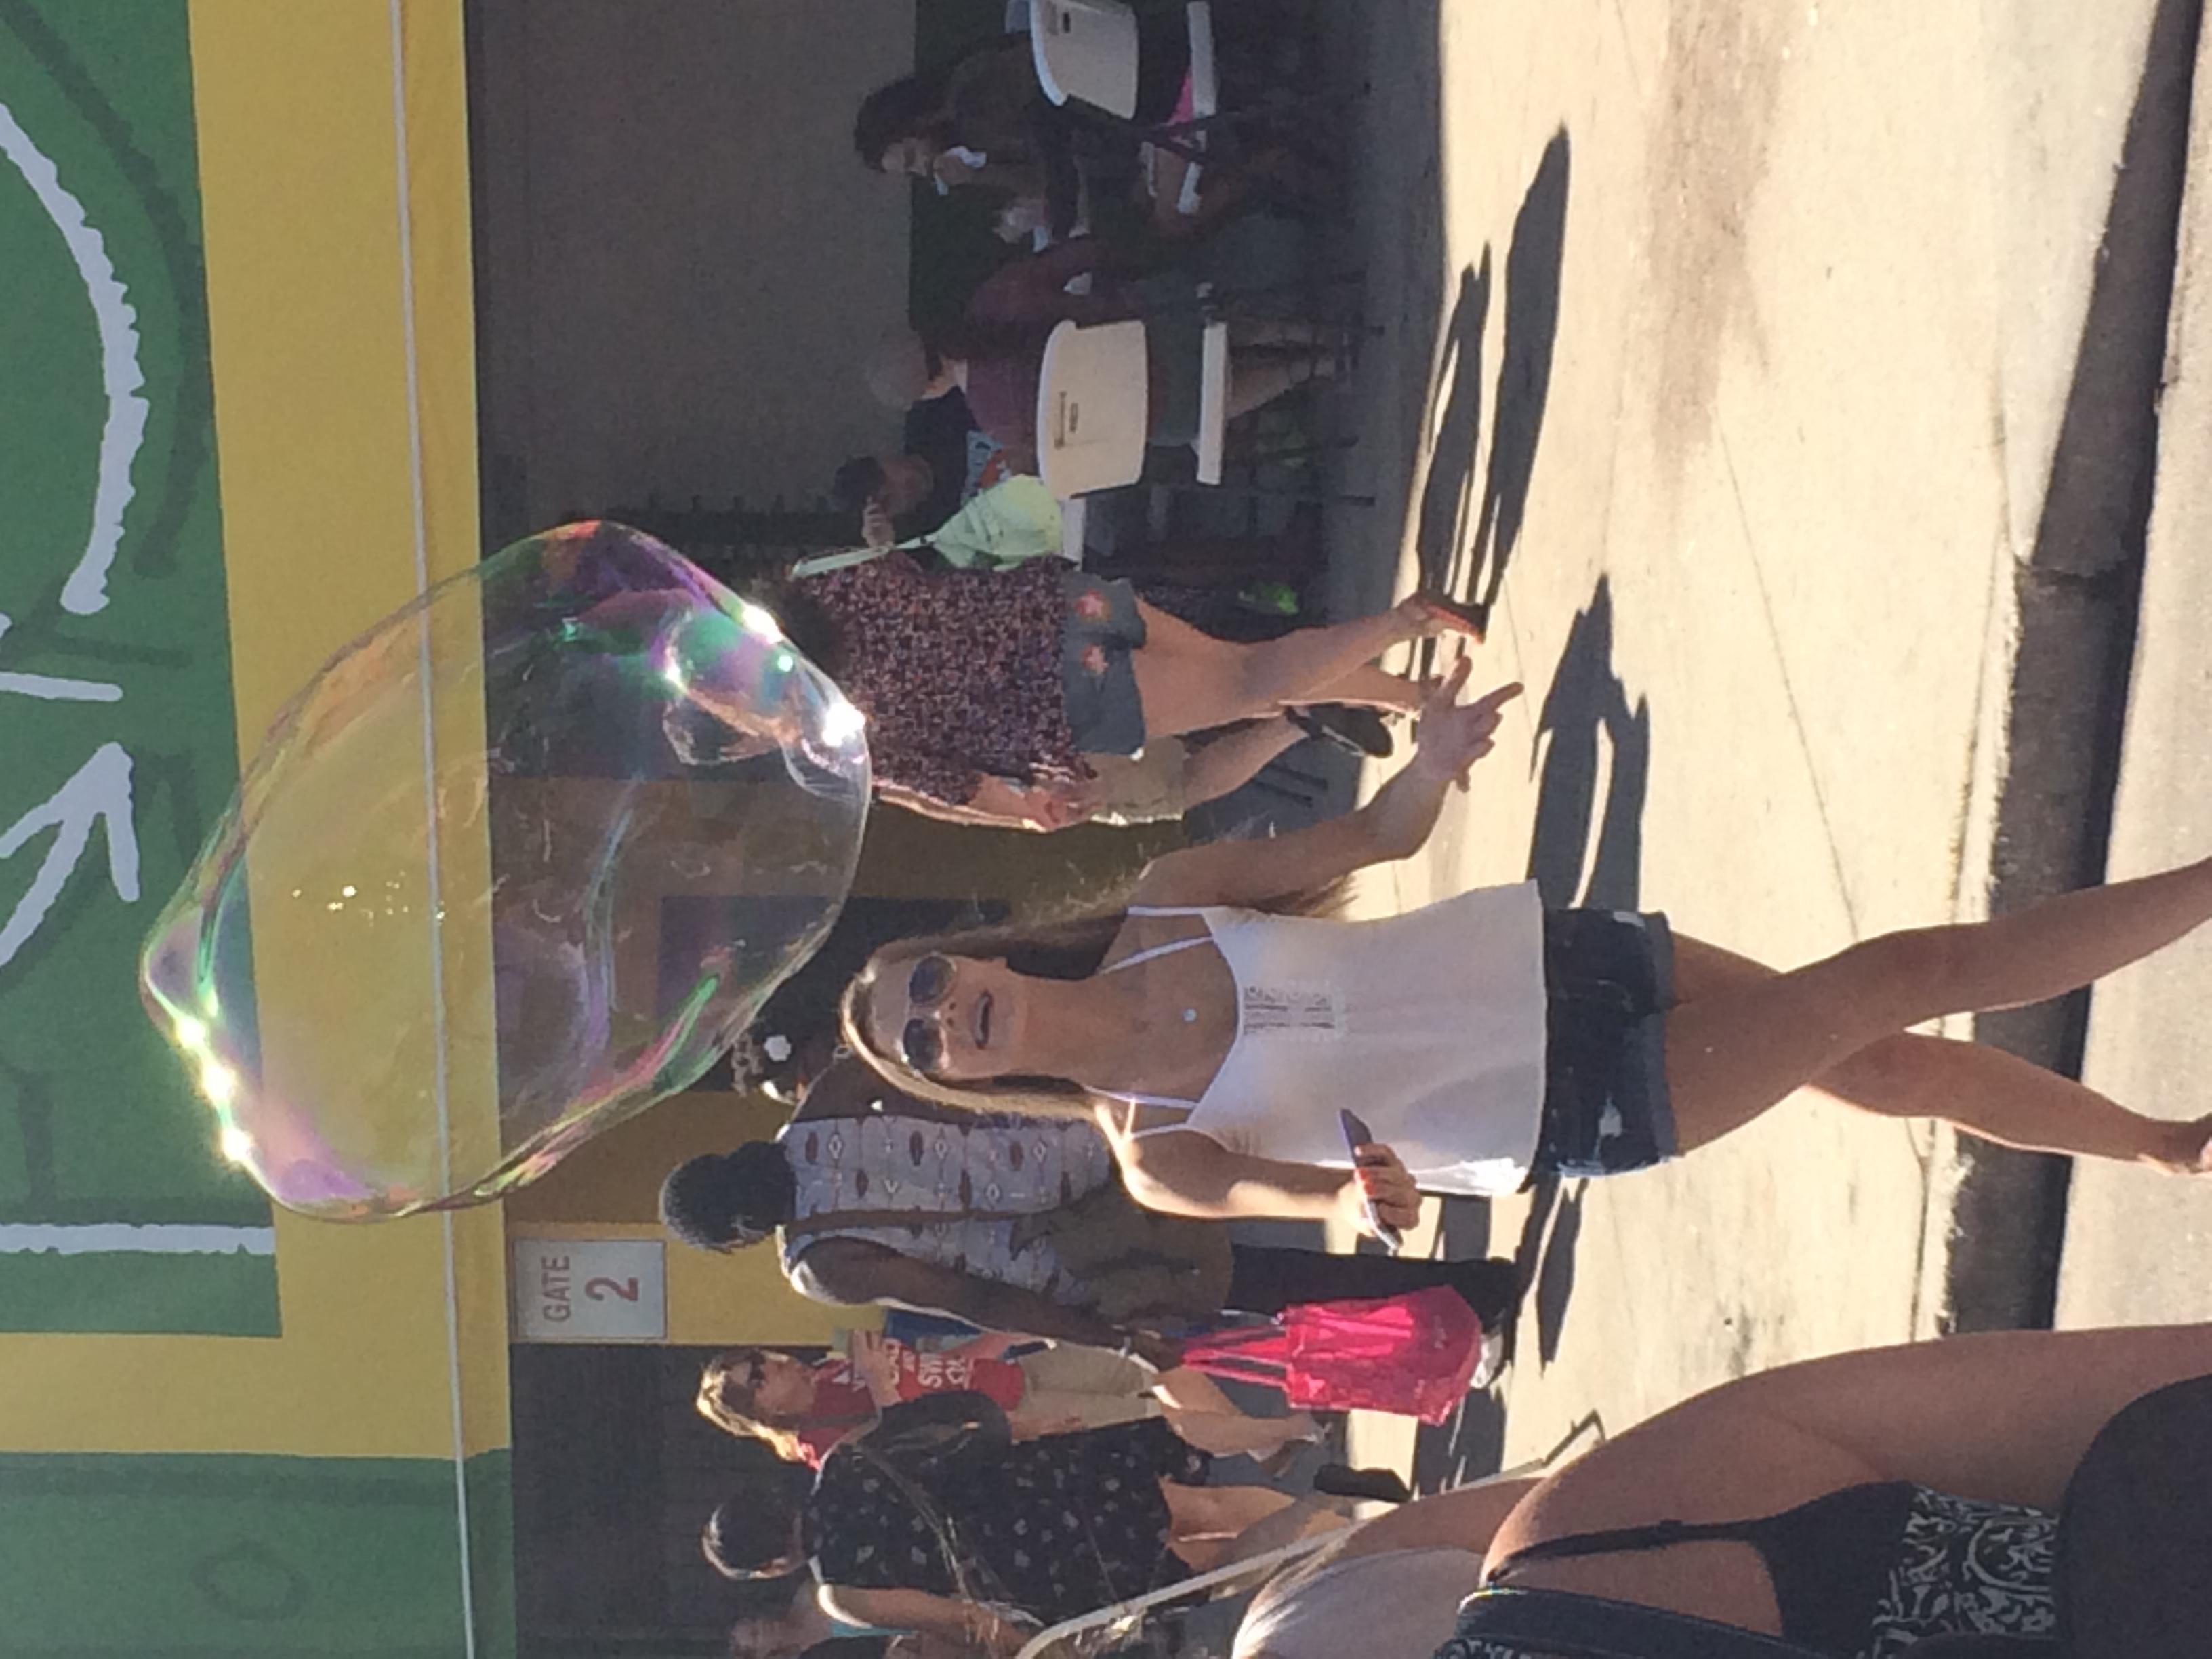 Até aparecer um menino chato que insistia em estourar todas as bolhas, quem brincava tentava mantê-las o máximo de tempo possível flutuando. Bacana demais!